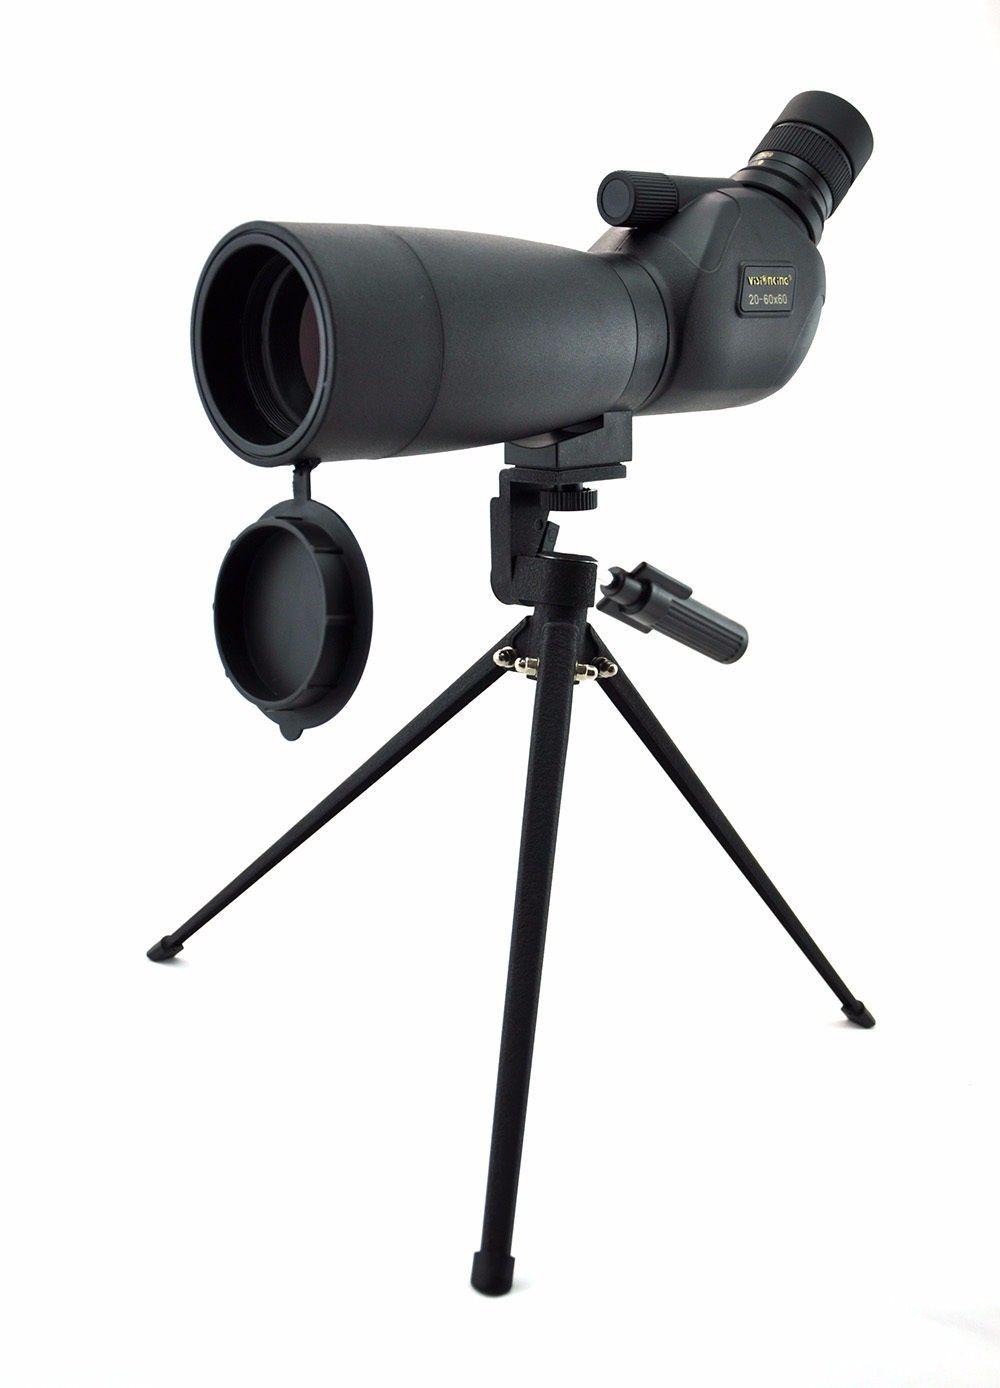 Visionking 20-60x60 ماء الإكتشاف نطاق التكبير bak4 الإكتشاف نطاق لمشاهدة الطيور الصيد أحادي تلسكوب ث / ترايبود